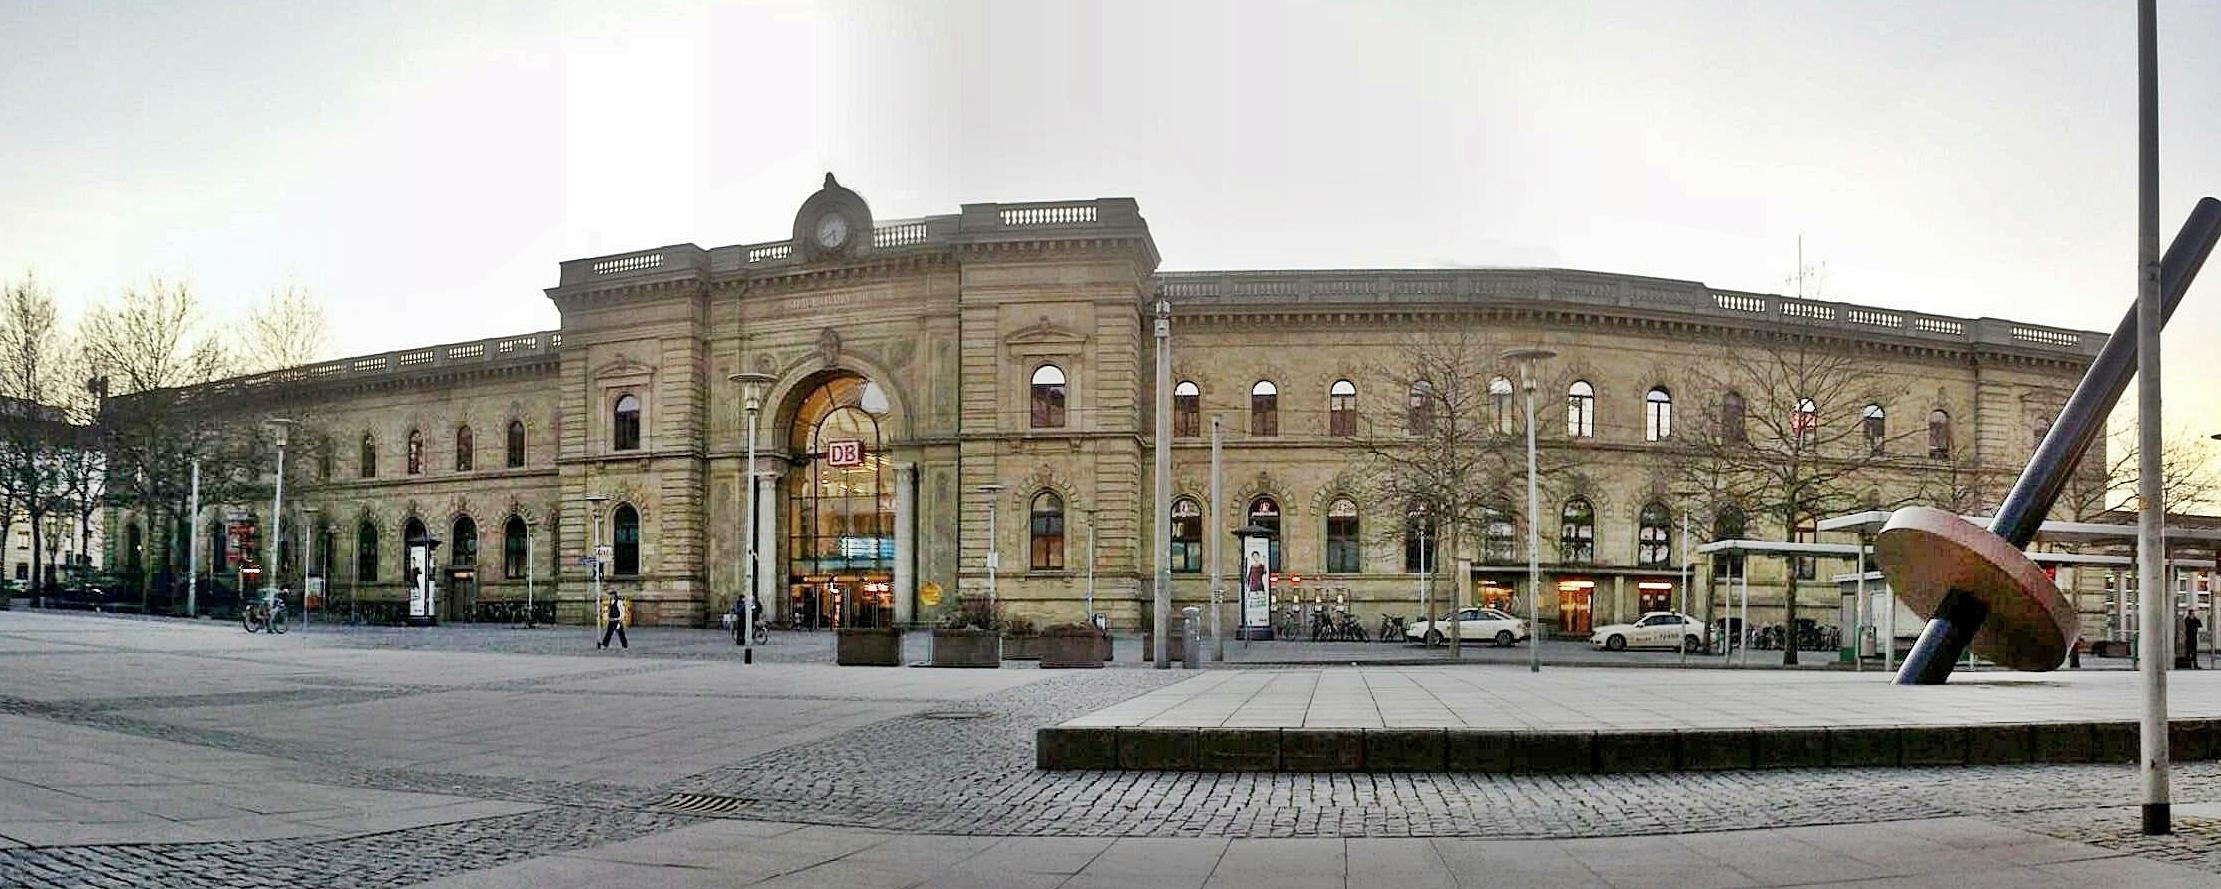 магдебург железнодорожный вокзал фото последующие годы